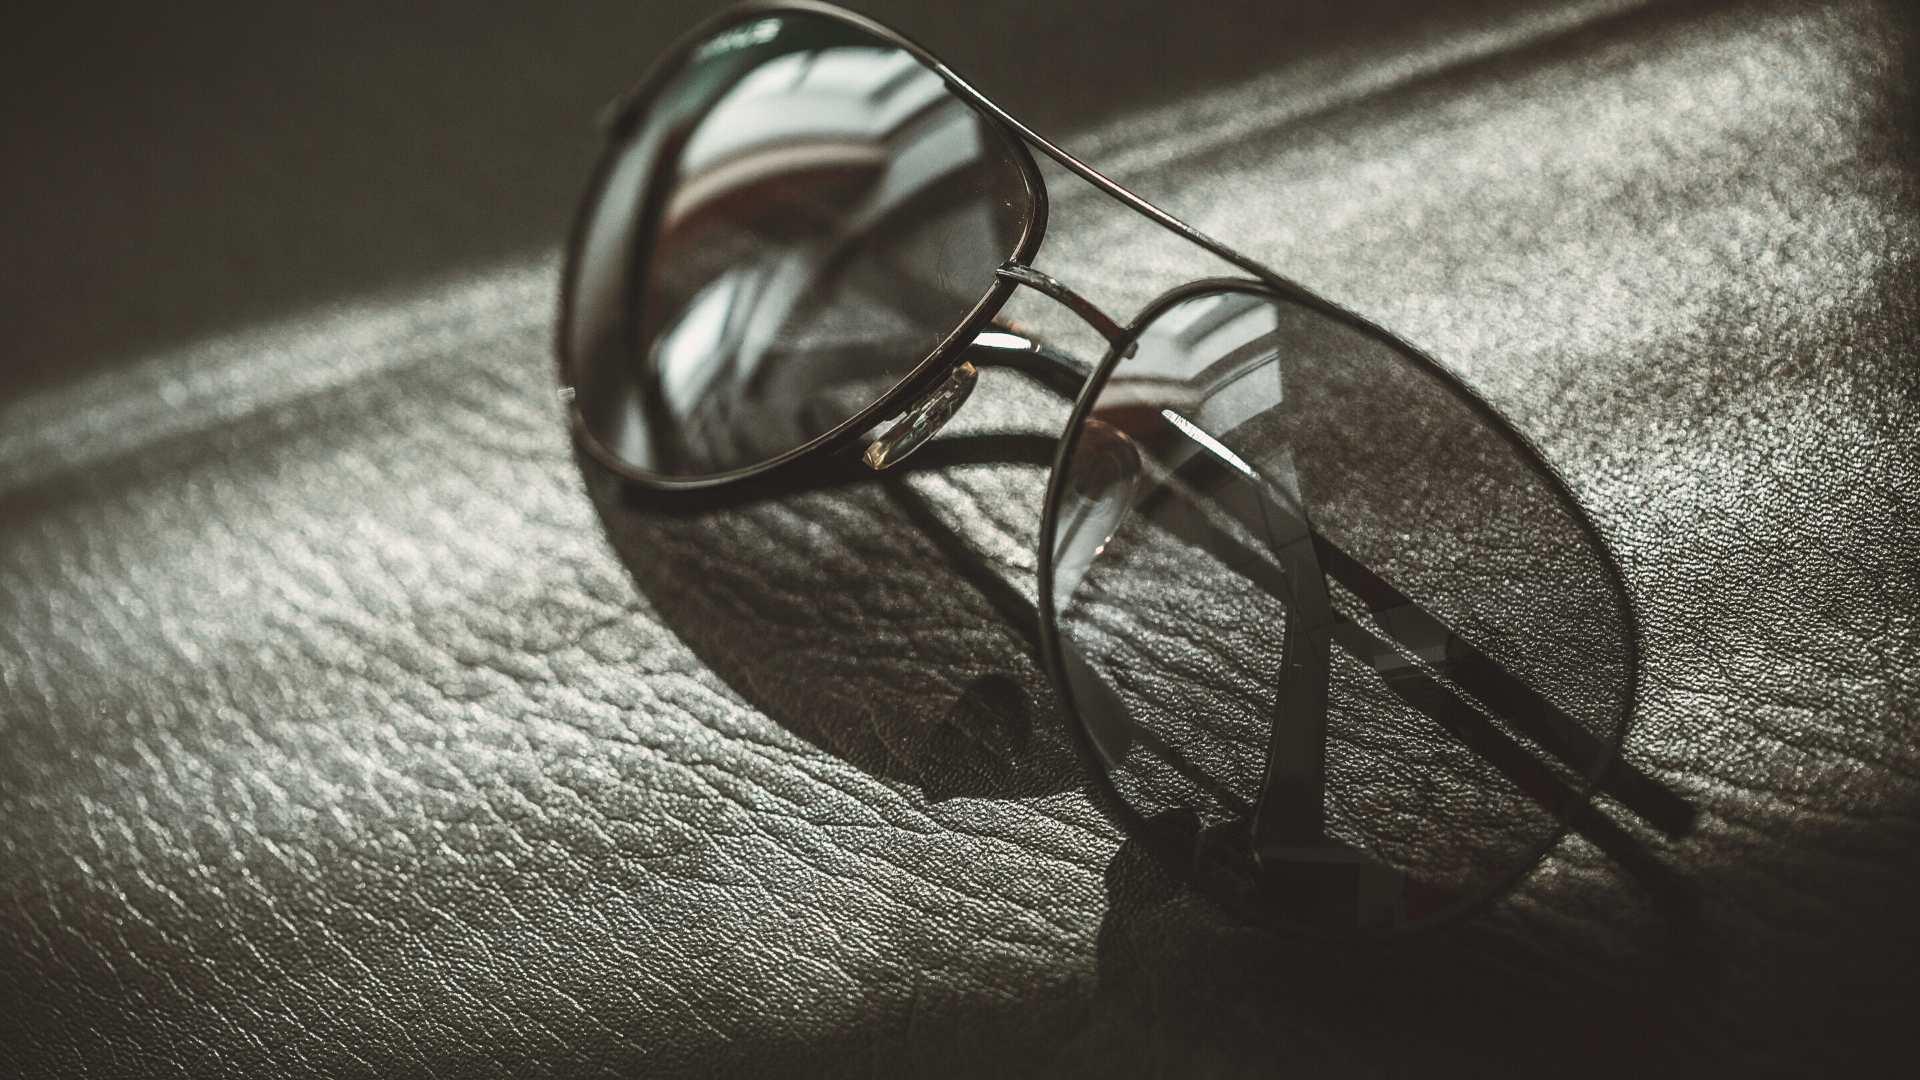 Dallas aviator sunglasses